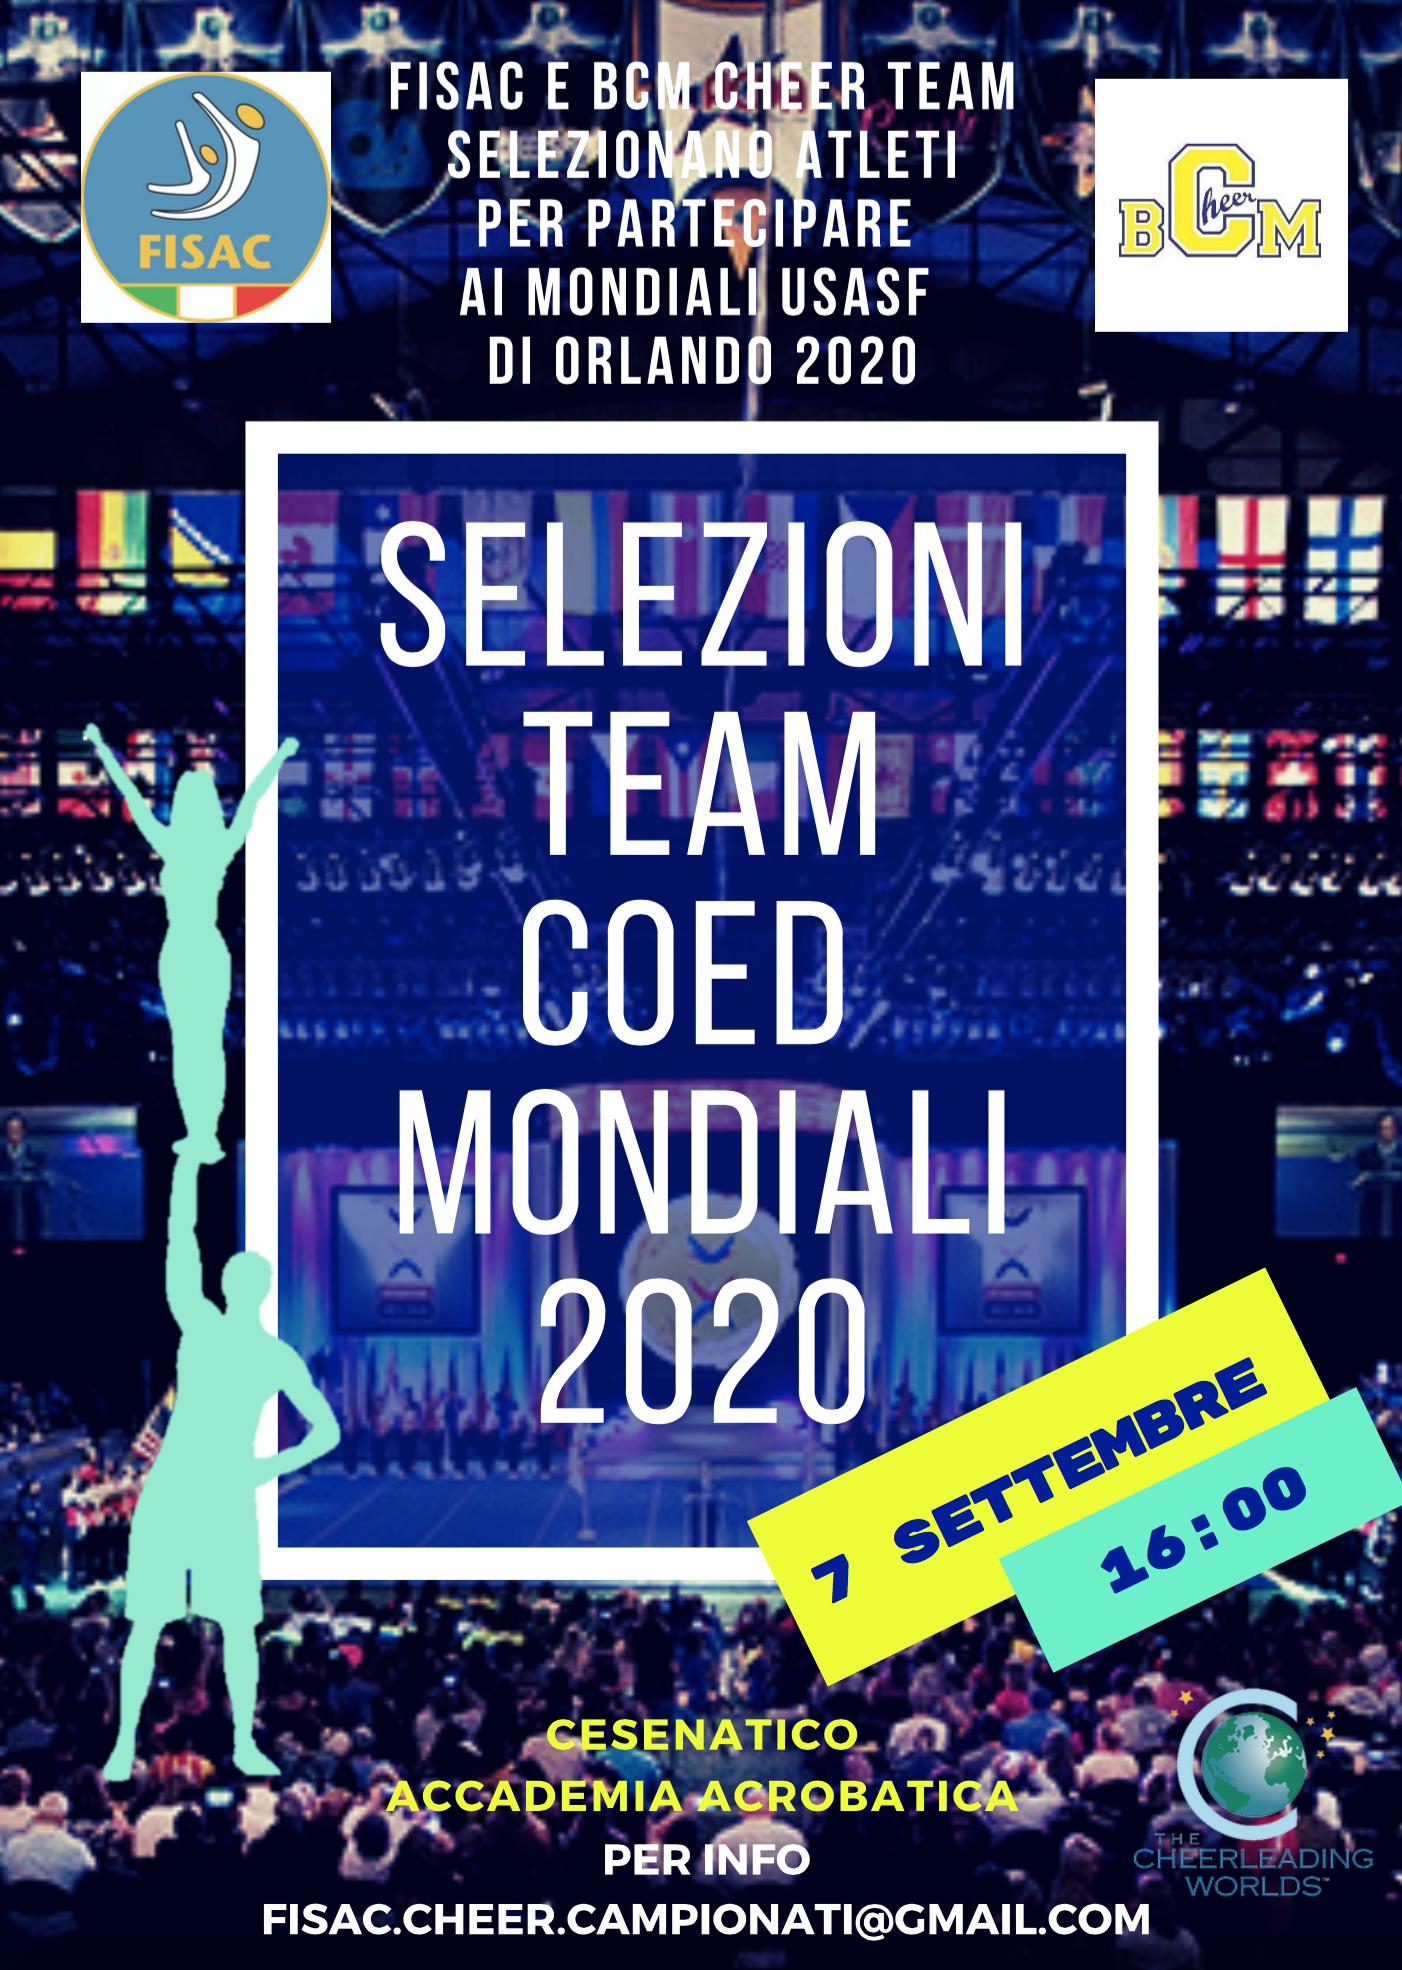 Mondiali Atletica Calendario.Calendario Mondiali Atletica 2020 Calendario 2020